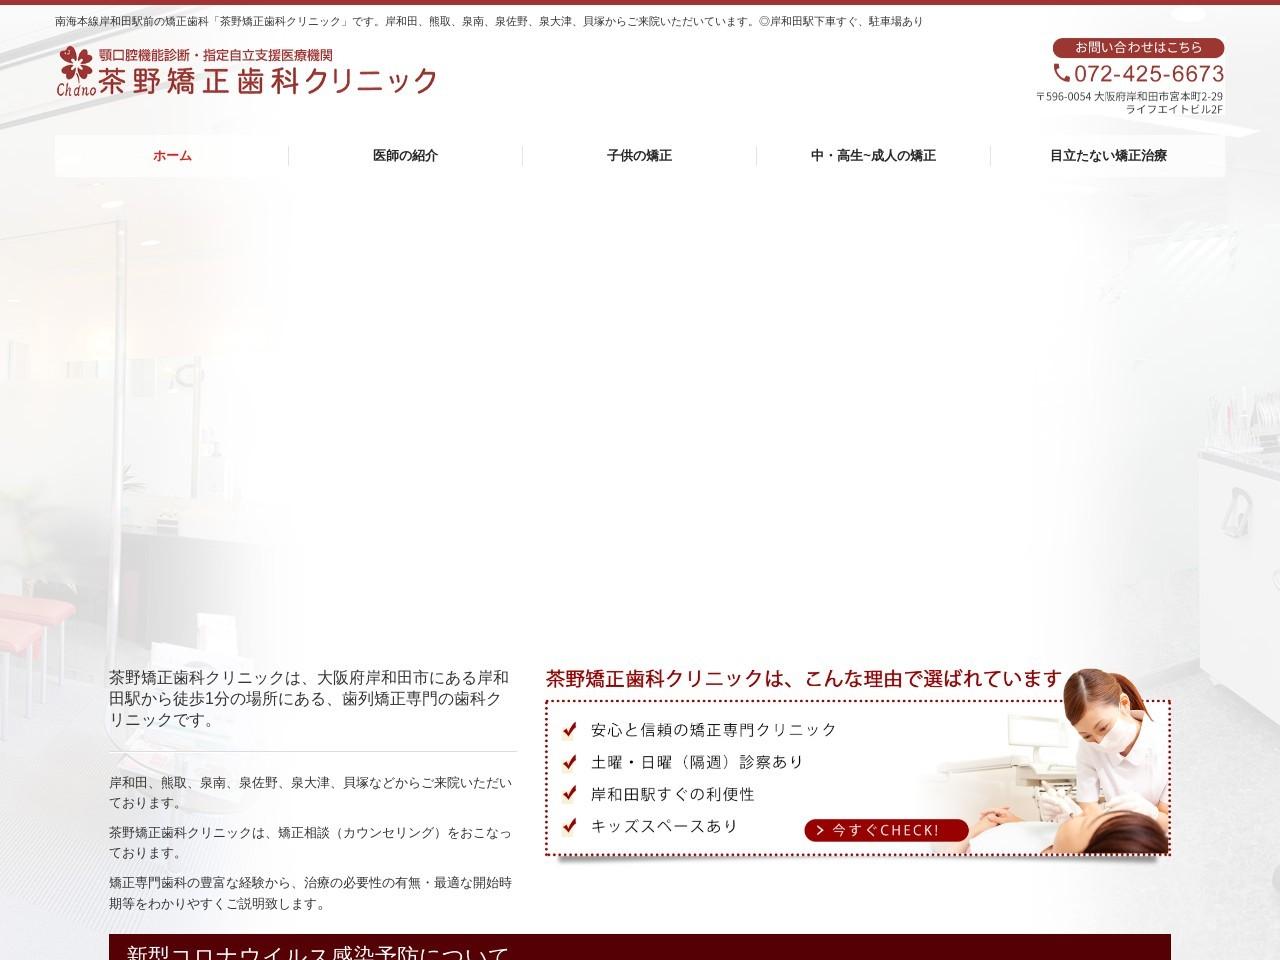 茶野矯正歯科クリニック (大阪府岸和田市)